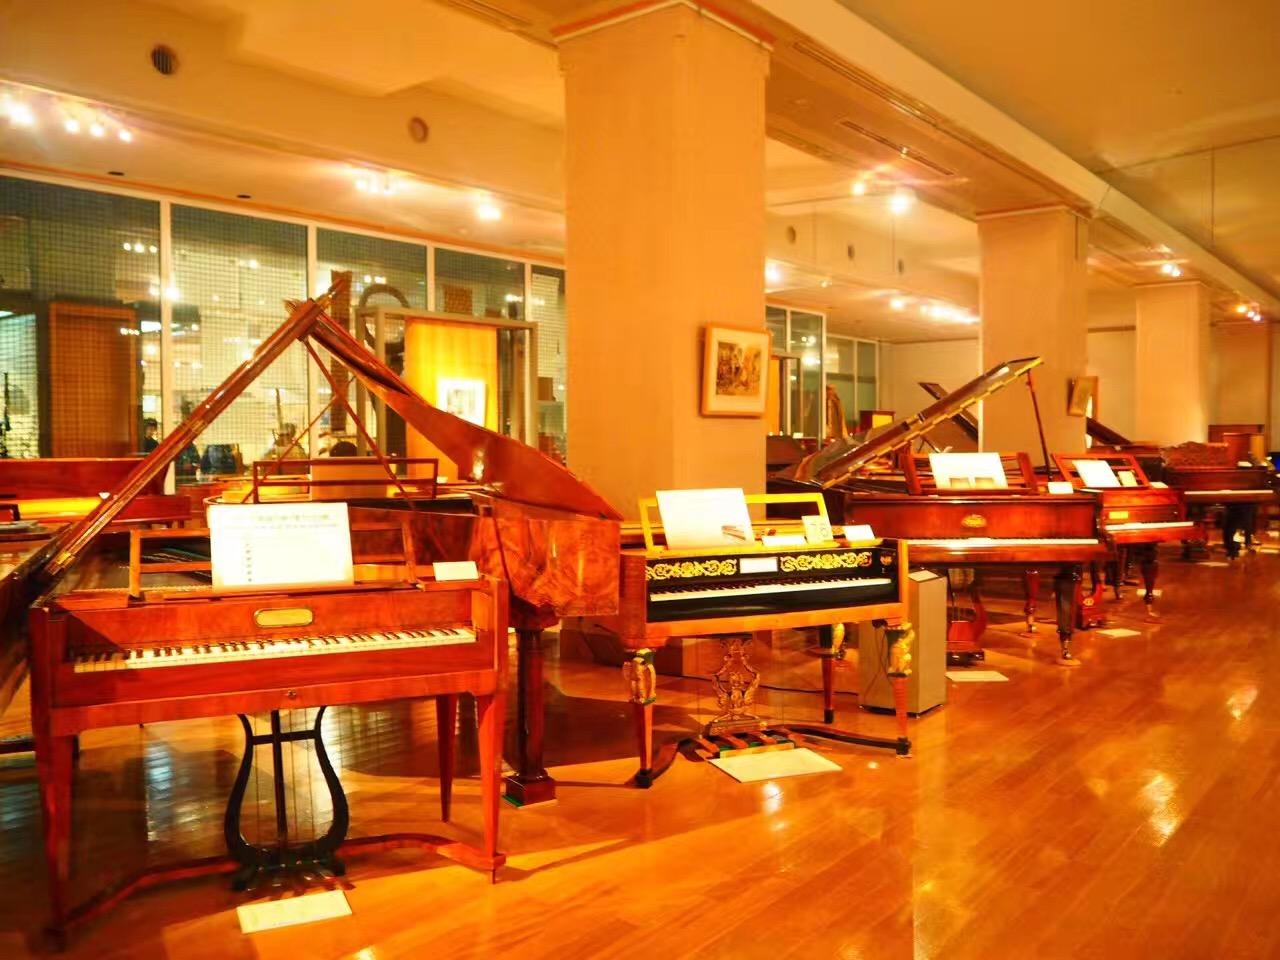 見るだけじゃない!実際に触れて、音色も楽しめる「浜松市楽器博物館」 - cbc25baf49f0d3dbe17826fcefd53bcf